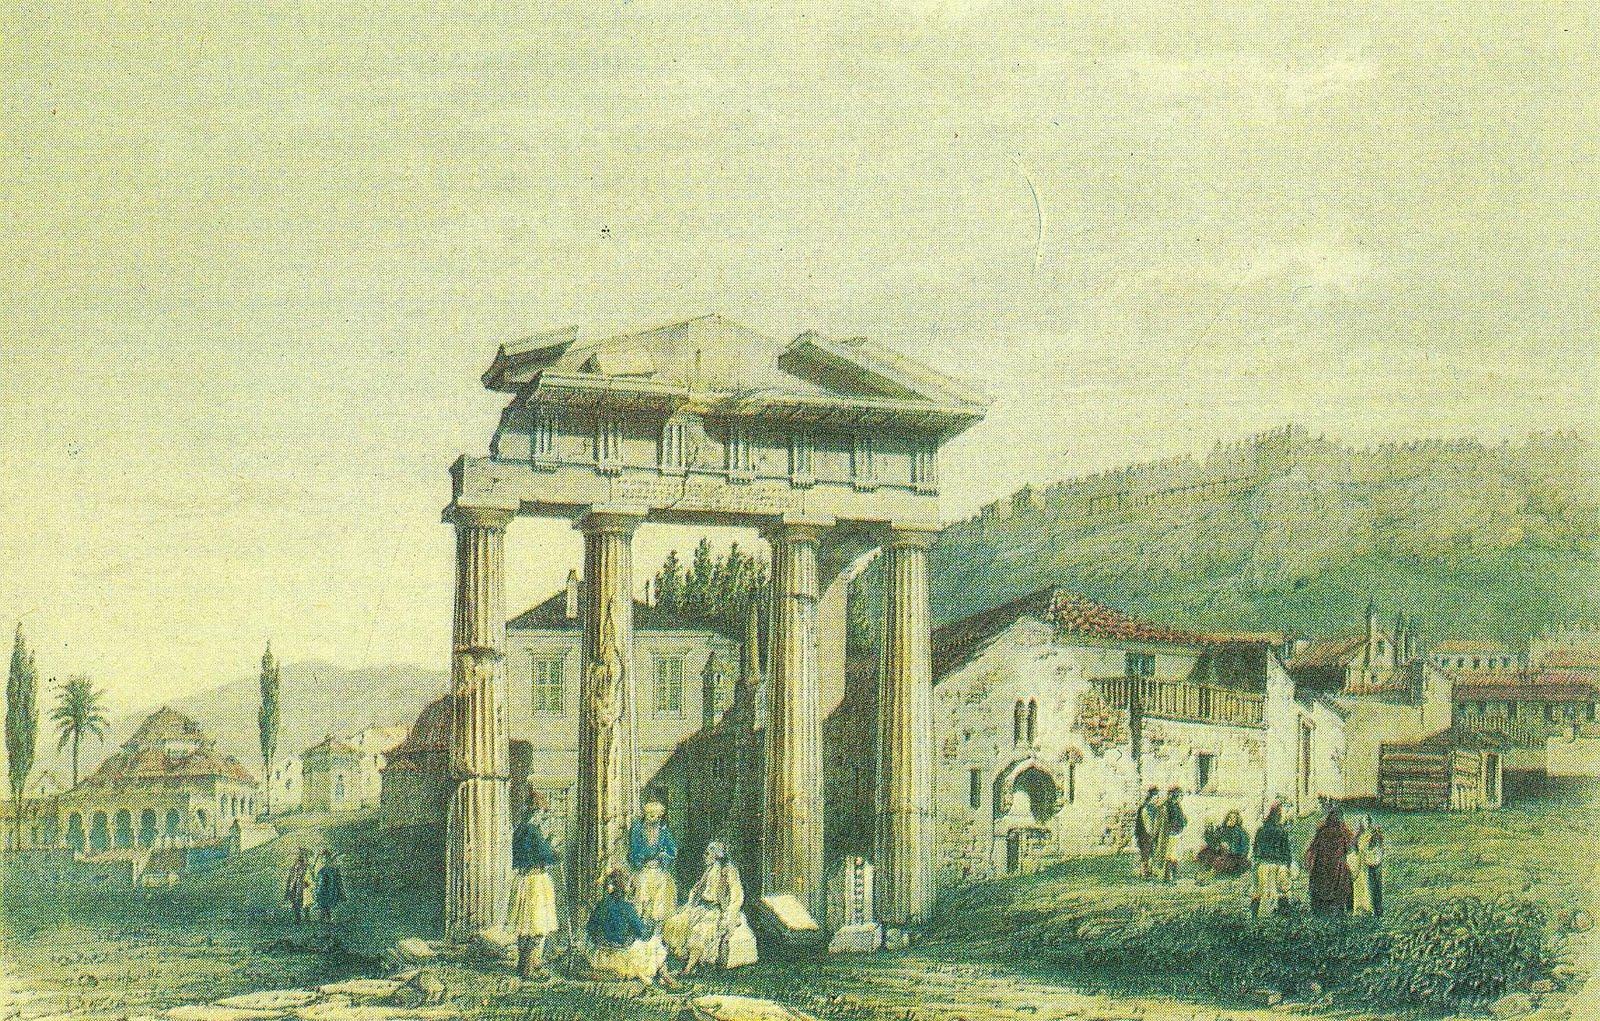 Αθήνα – Η πύλη της αγοράς (Η Παζαρόπορτα)] το 1830. Στα δεξιά φαίνεται η εκκλησία της Σωτήρας της Παζαρόπορτας, που δεν υπάρχει σήμερα, παράξενος μικρός ΝαΪσκος γιατί είχε το ιερό του στραμμένο προς στον Βορρά και όχι στην Ανατολή.